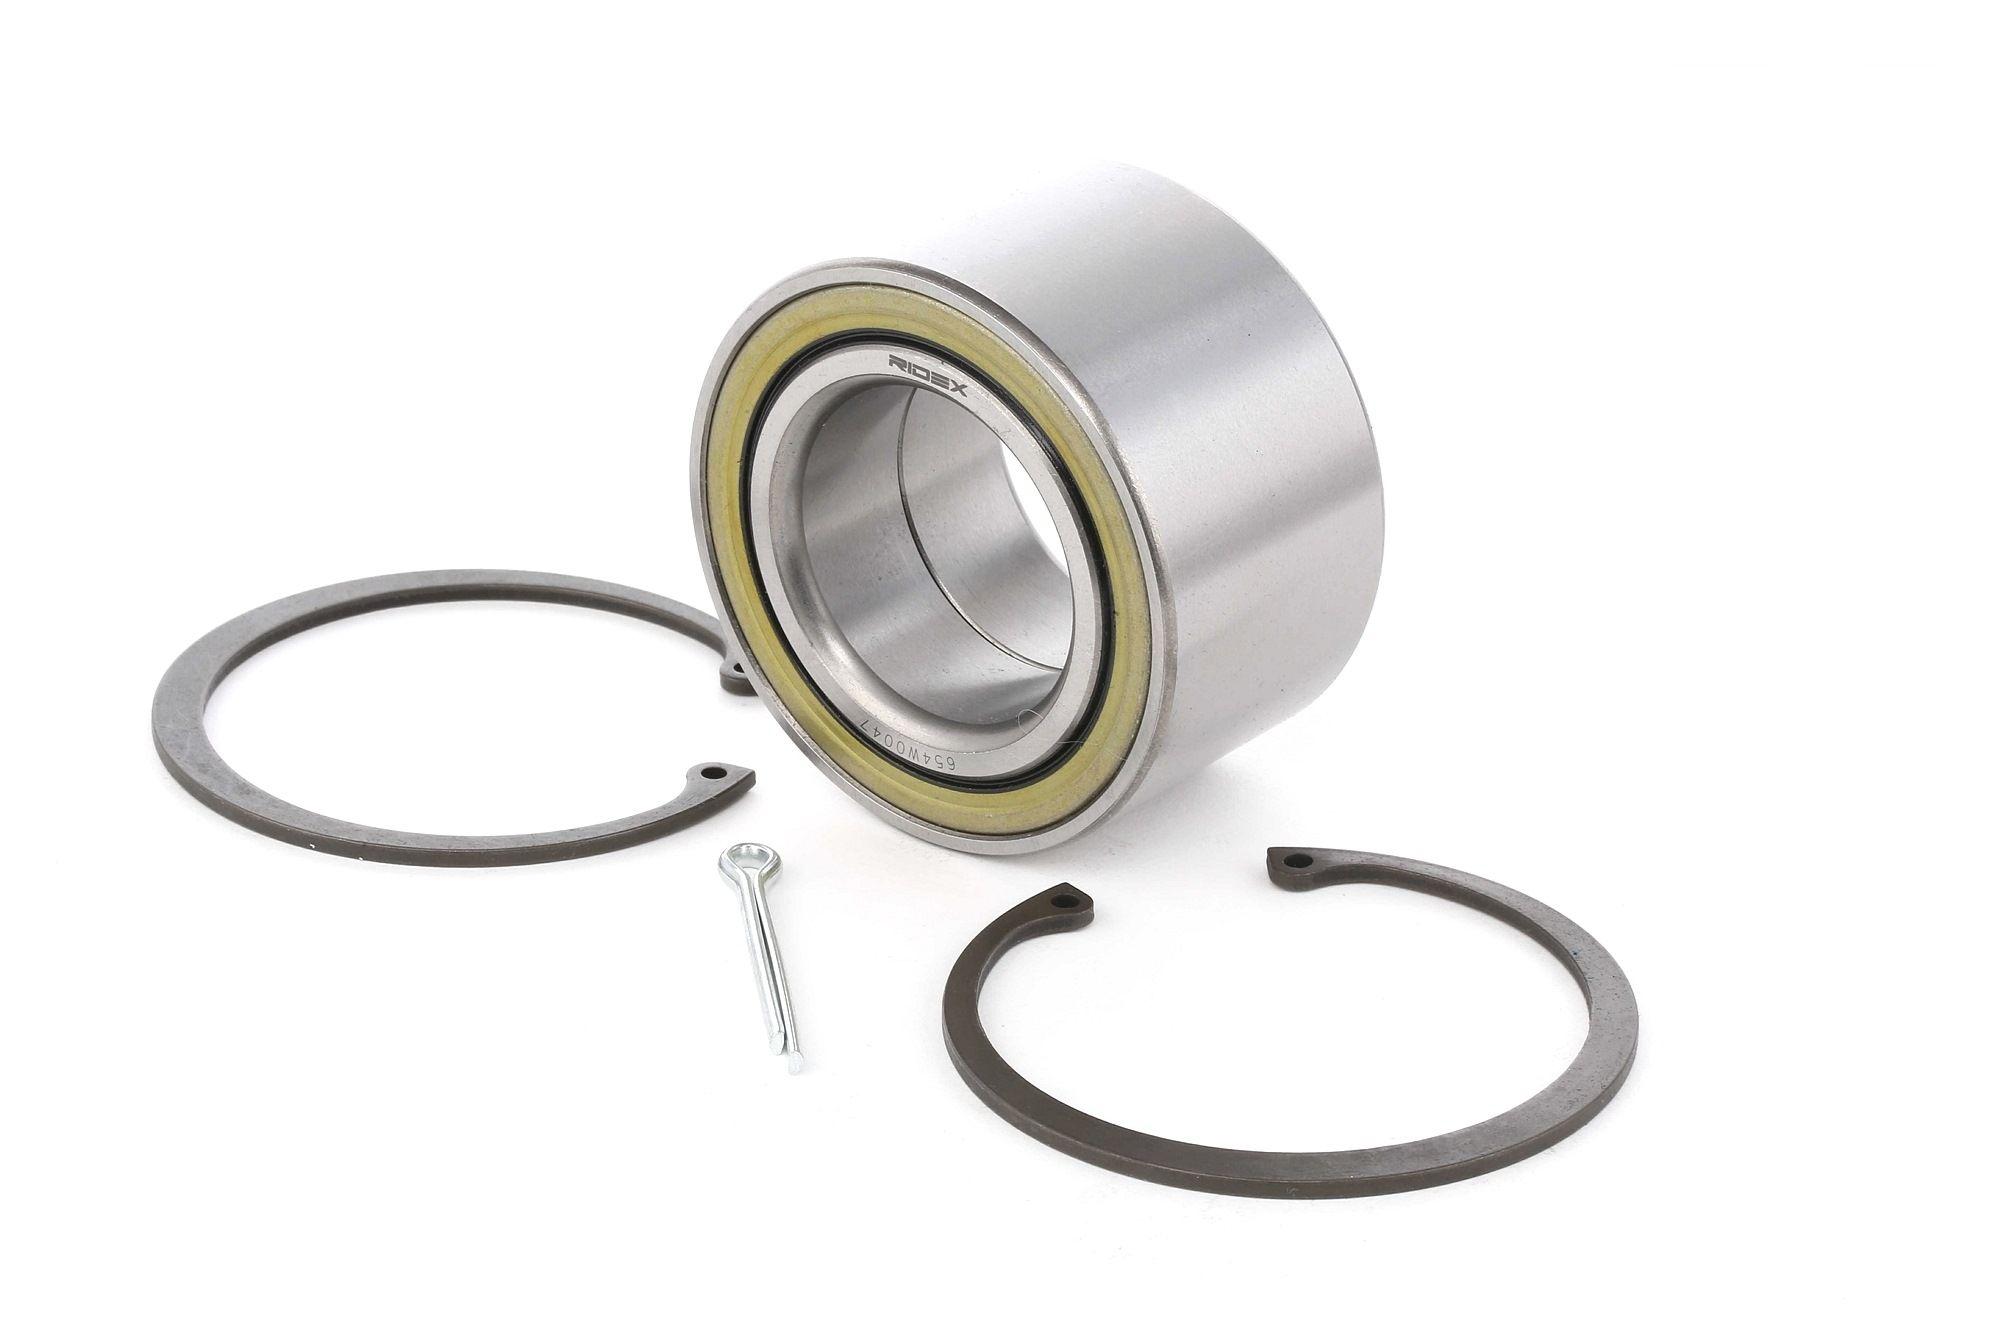 NISSAN ALMERA 2021 Radaufhängung & Lenker - Original RIDEX 654W0047 Ø: 76mm, Innendurchmesser: 43mm